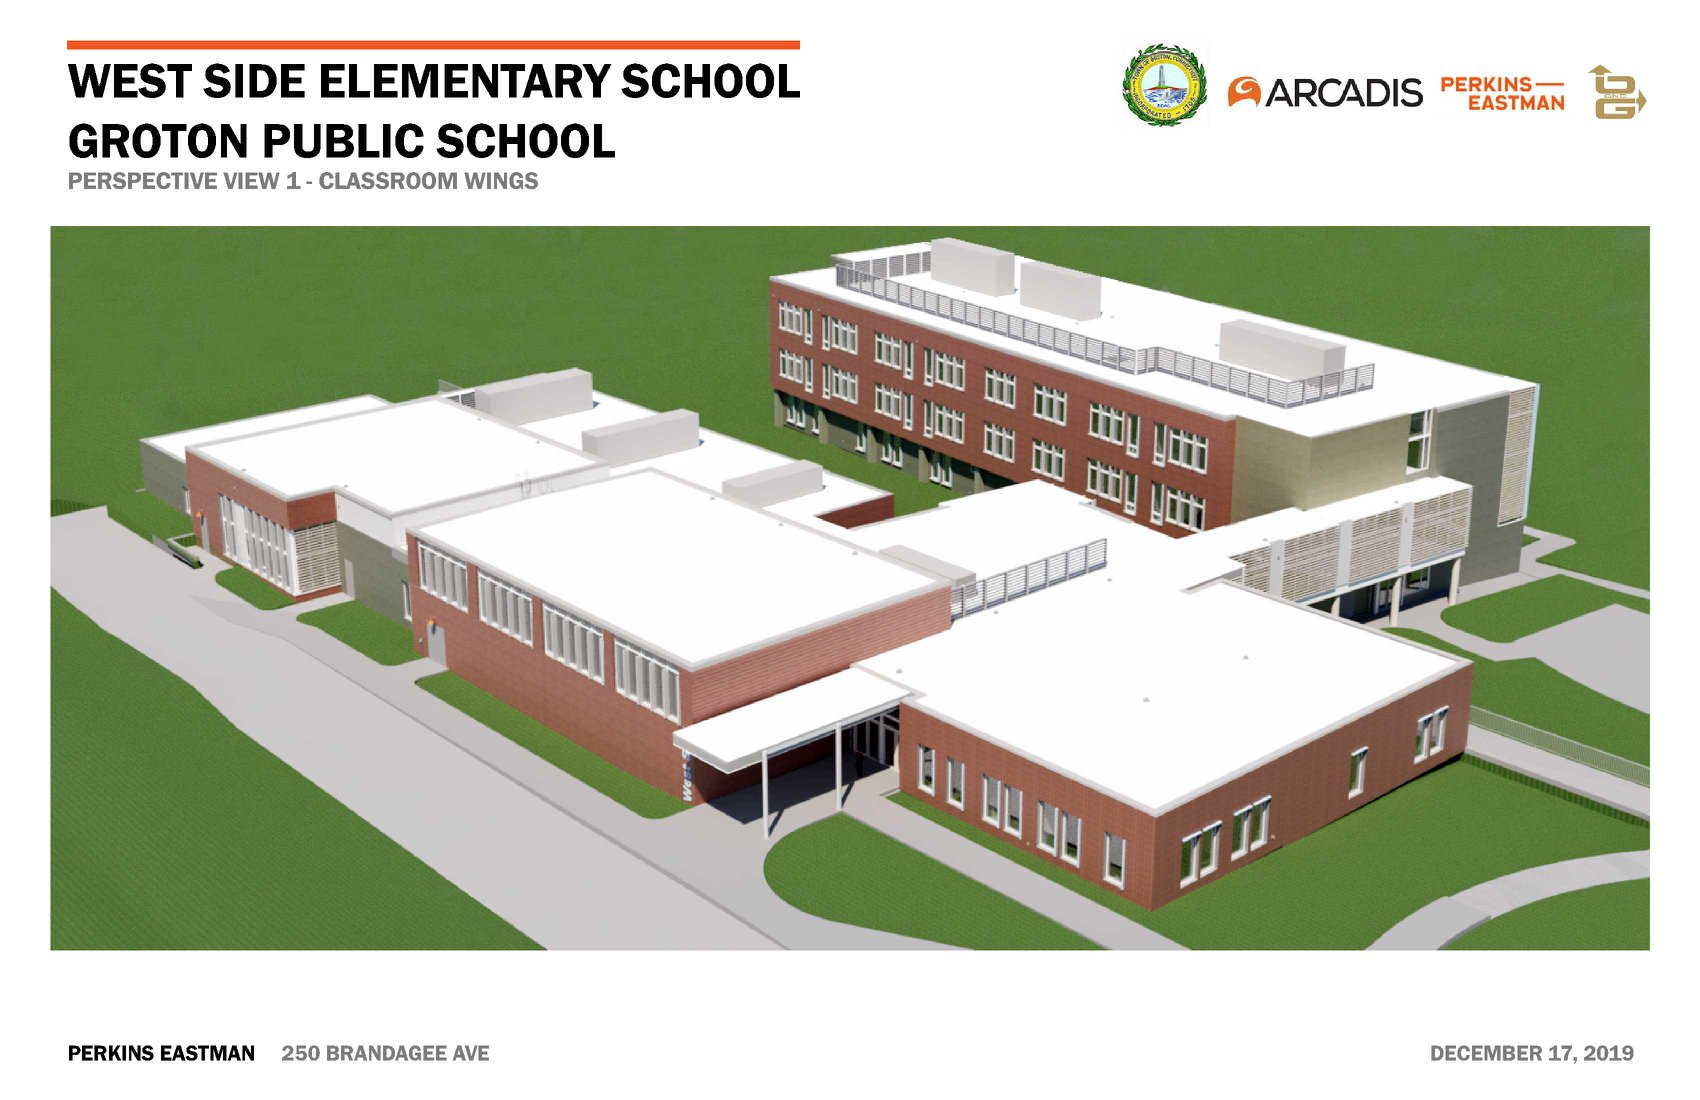 West Side Elementary School Groton